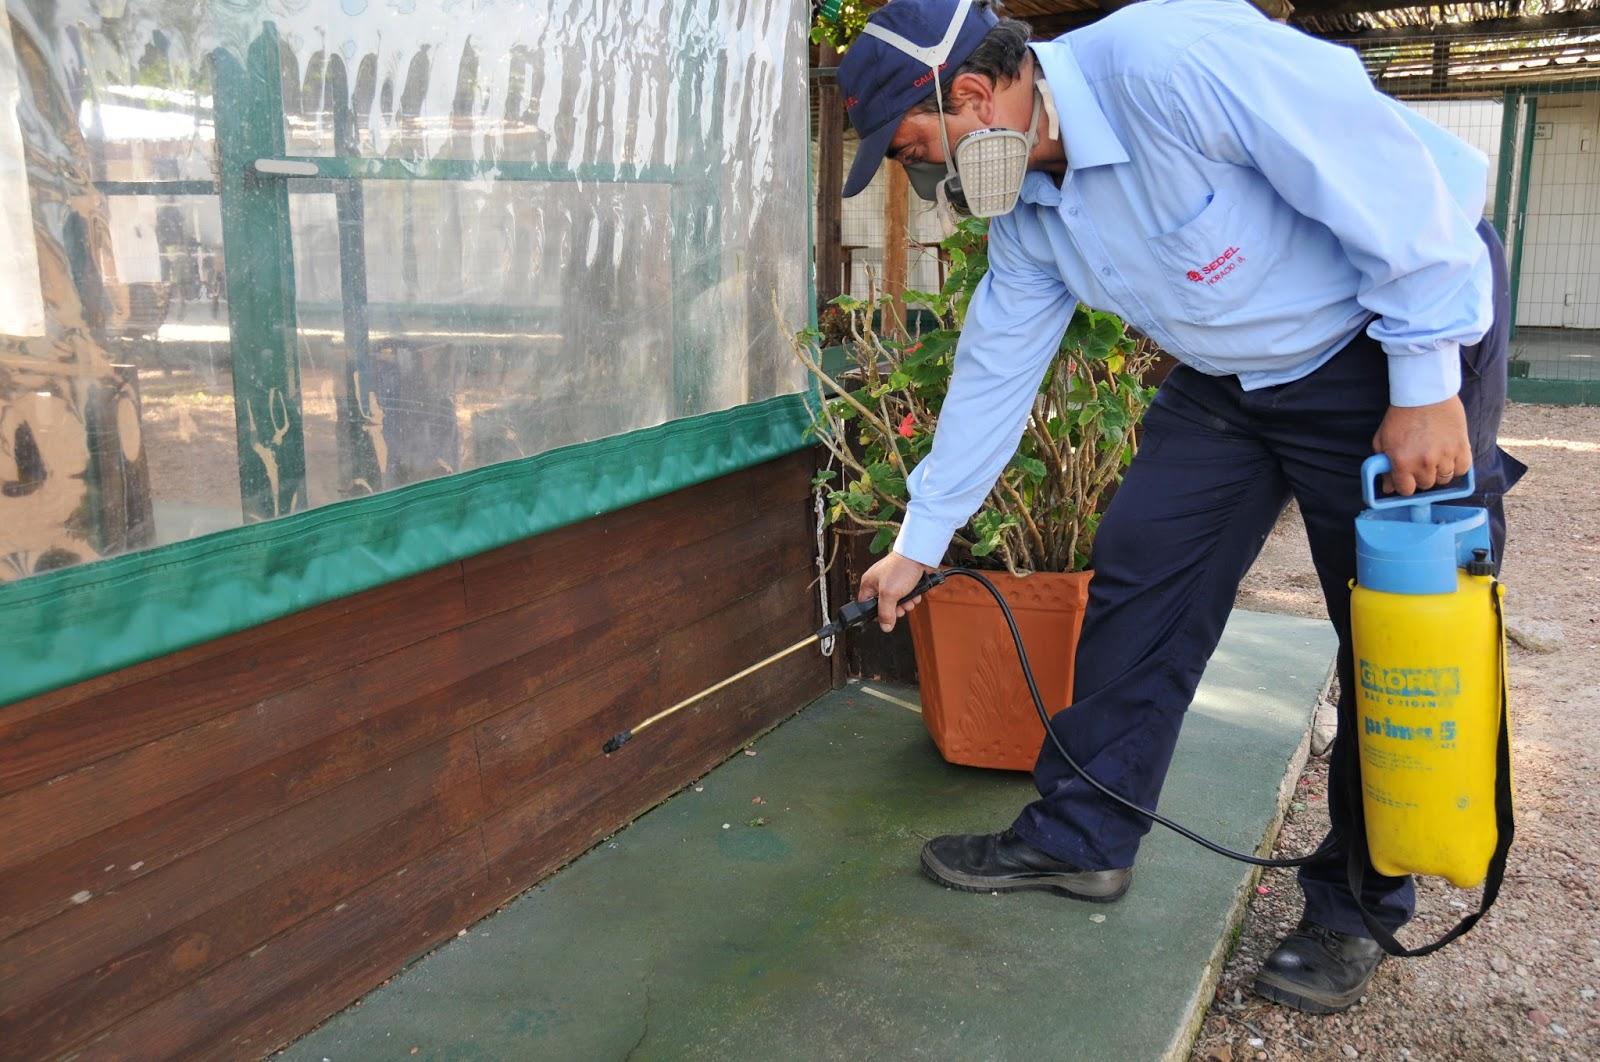 Control de plagas desinfecciones zaragoza 976 903 255 - Exterminar hormigas en casa ...